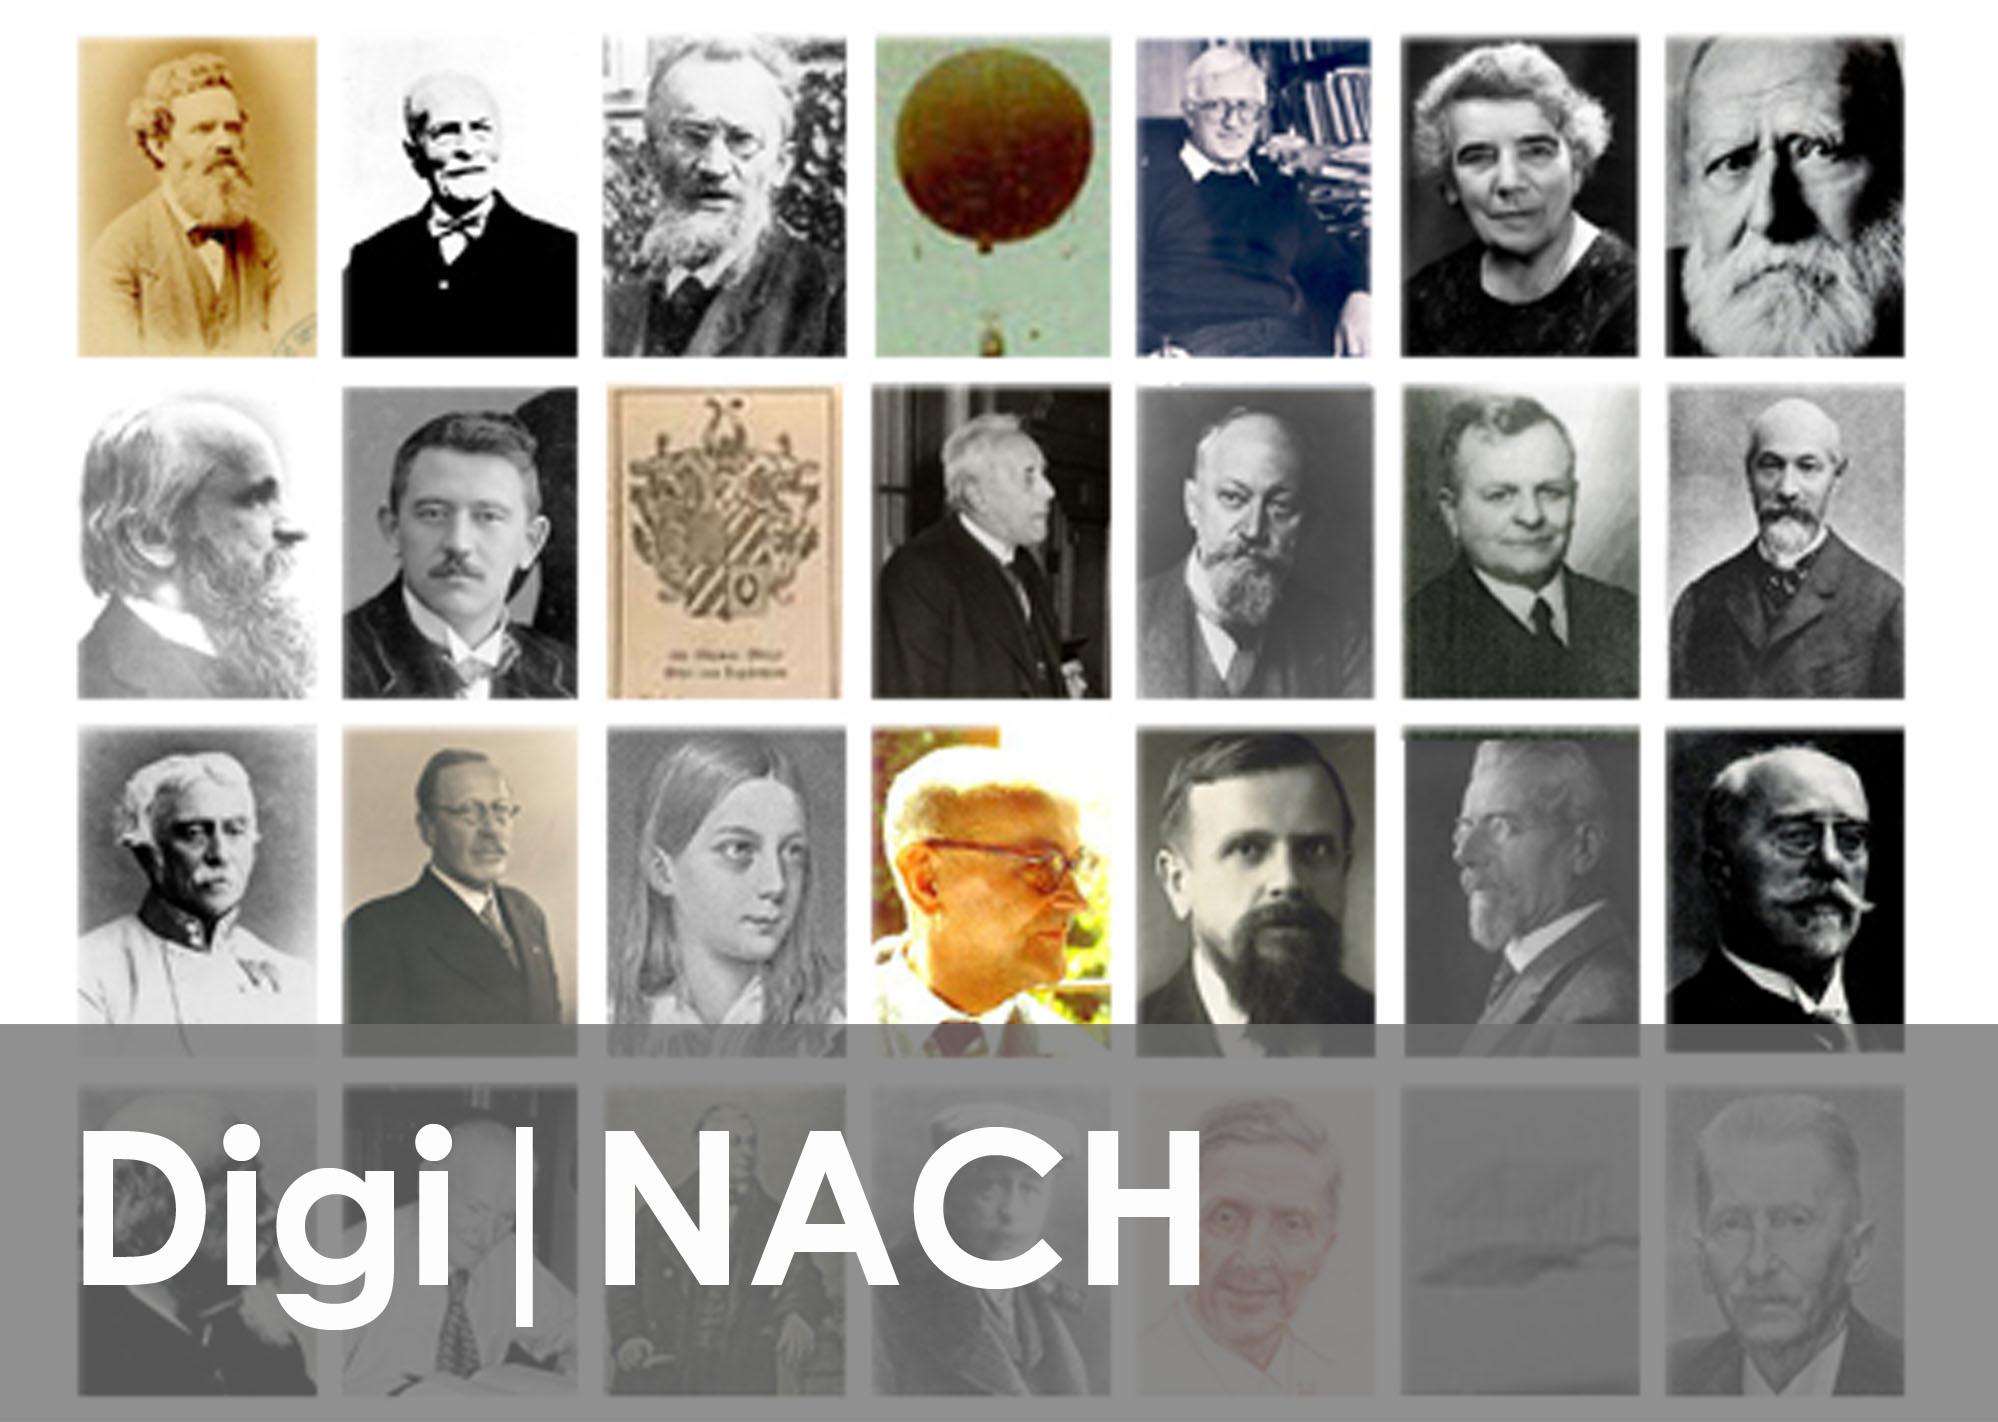 DigiNach